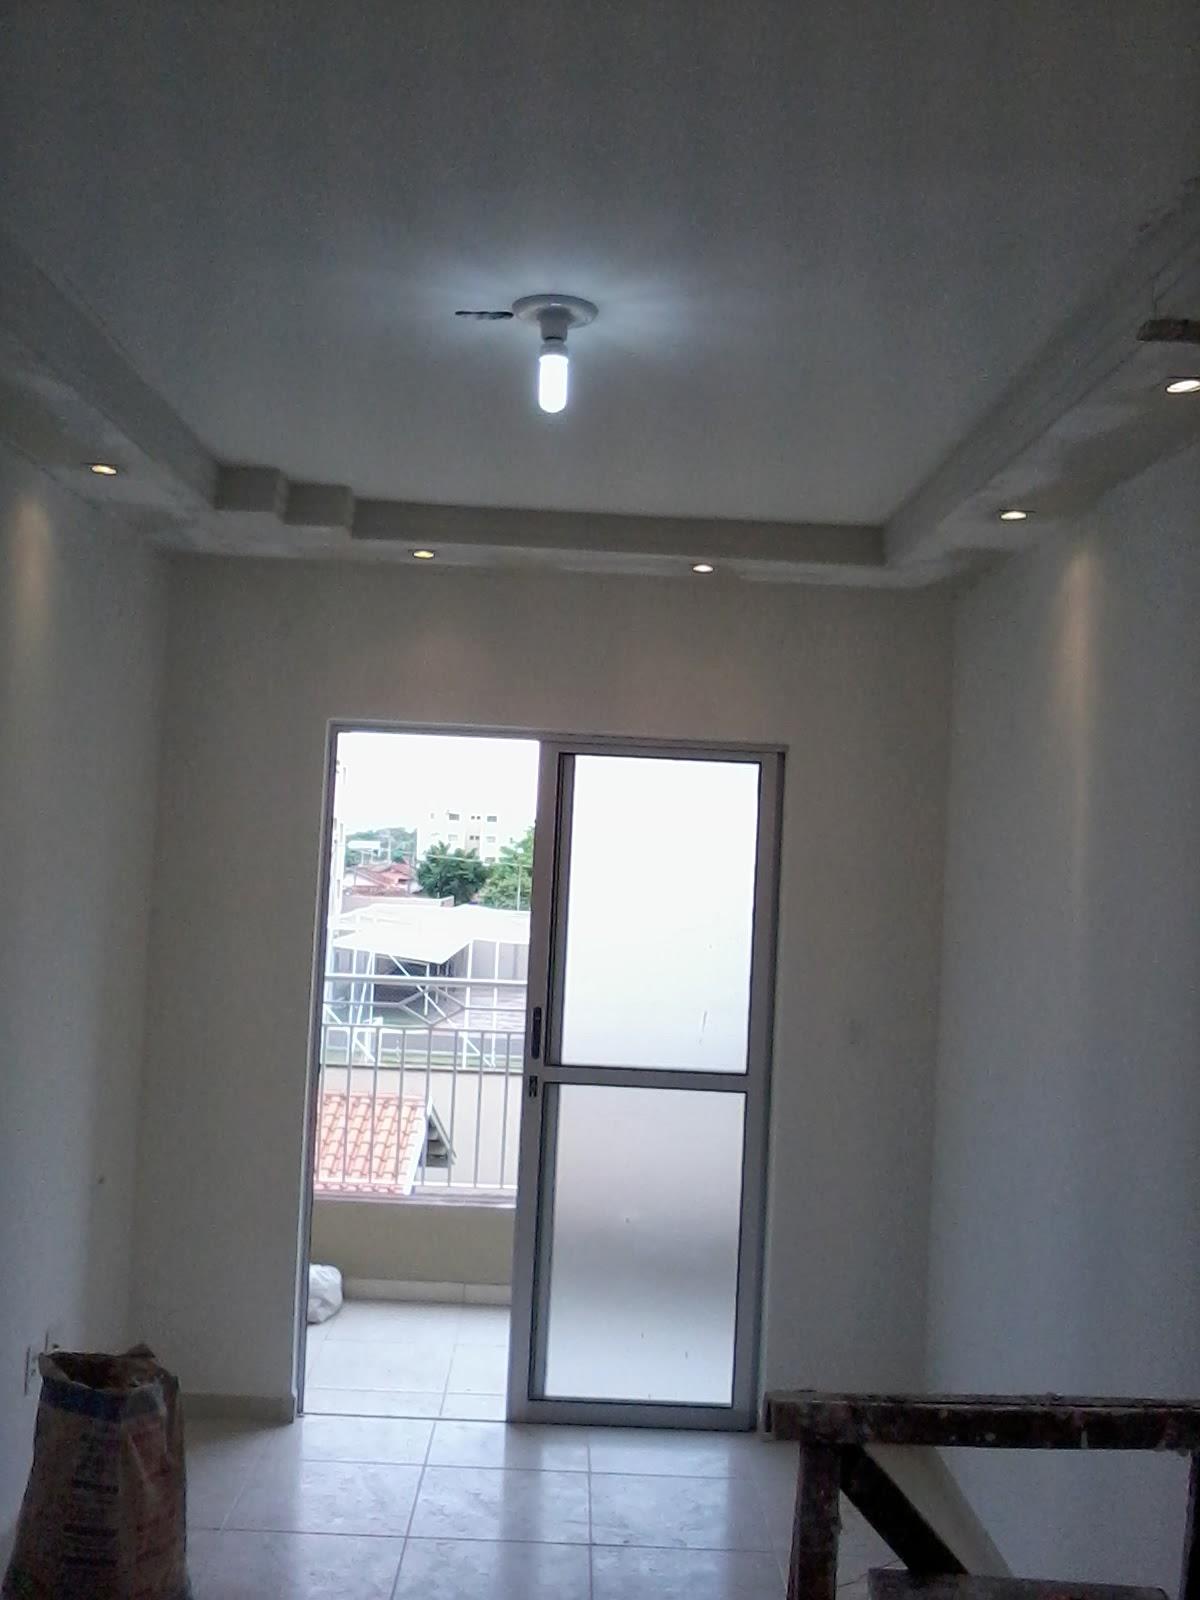 gesso: gesso aparamento tecol .vitral no hall de entrada sanca fechada  #4B6080 1200 1600